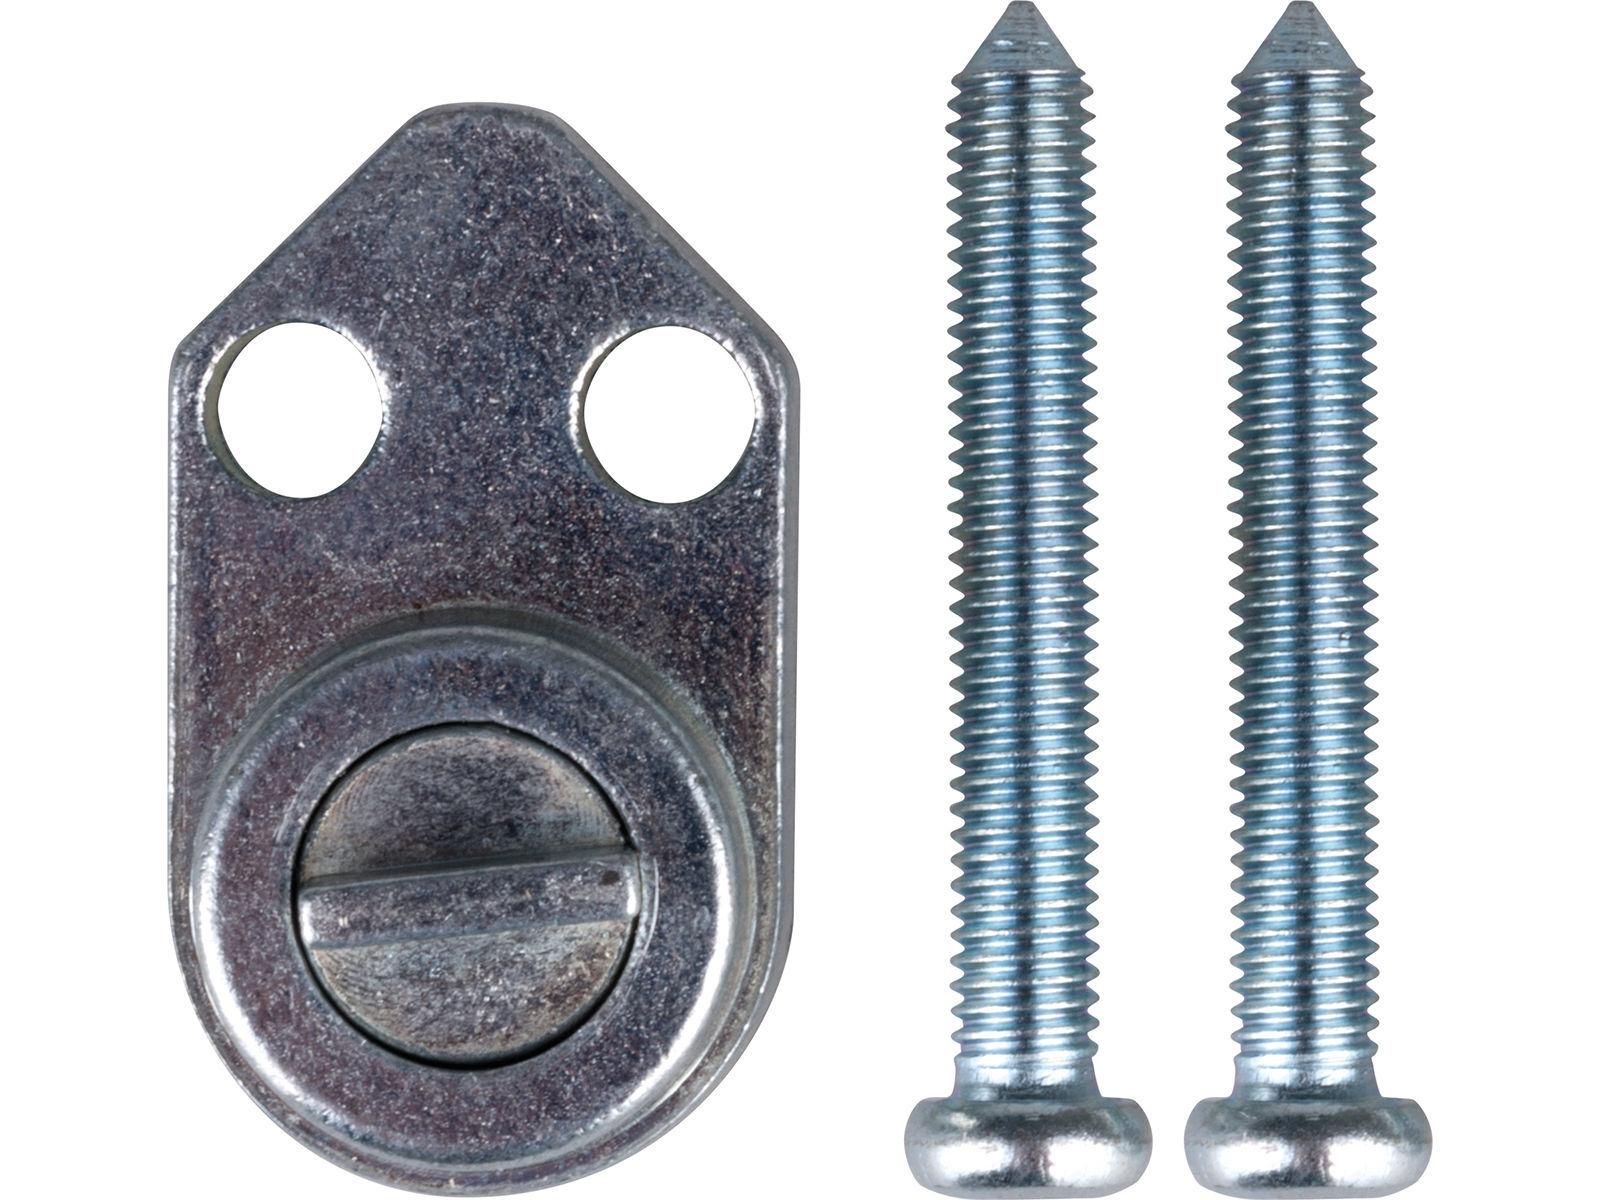 Bilde av Sylinderforlenger 8mm m/skruer